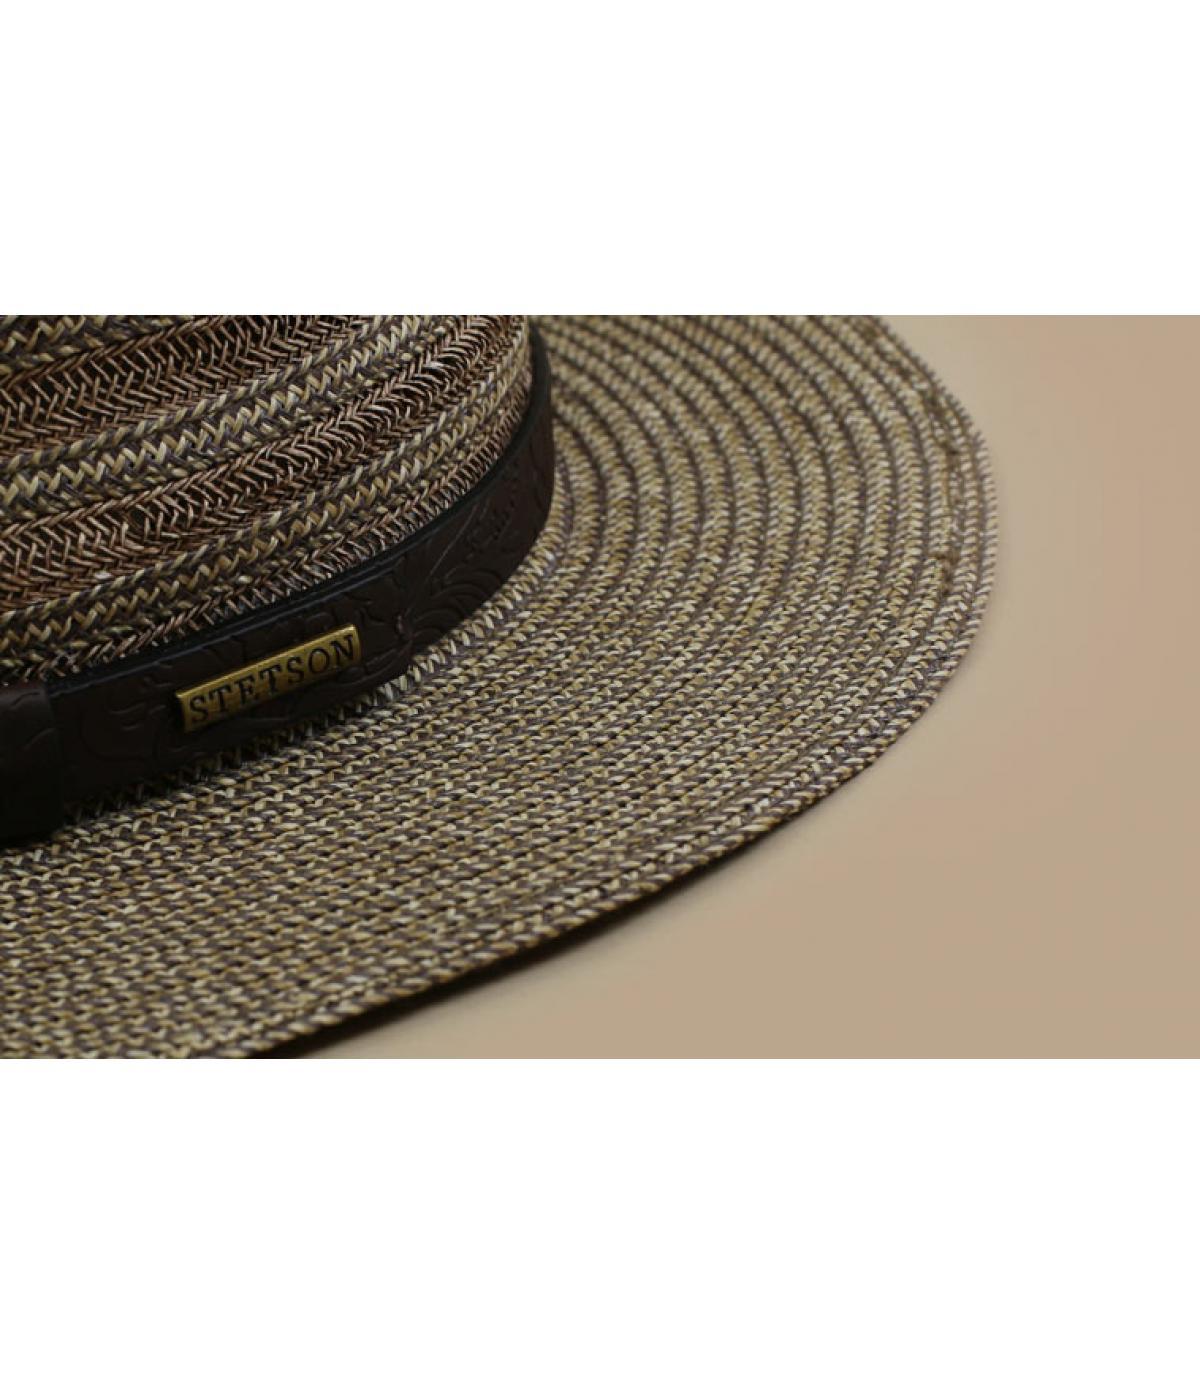 Dettagli Traveller Toyo brown beige - image 3